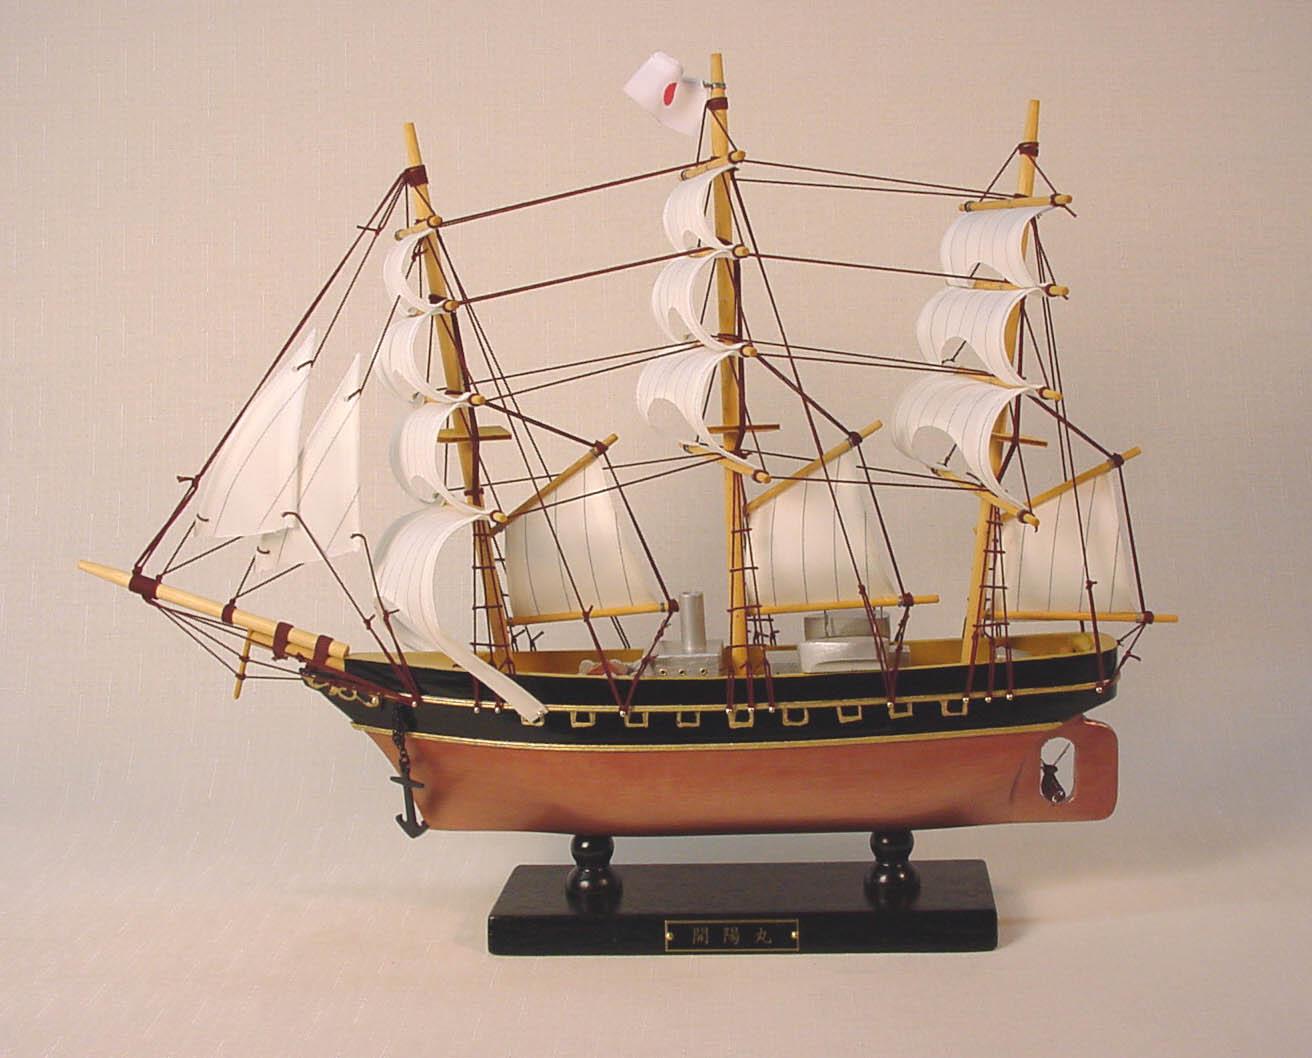 帆船模型 モデルシップ 完成品 No256 開陽丸 新築祝 開業祝 お祝い 門出【楽ギフ_のし】【楽ギフ_メッセ入力】